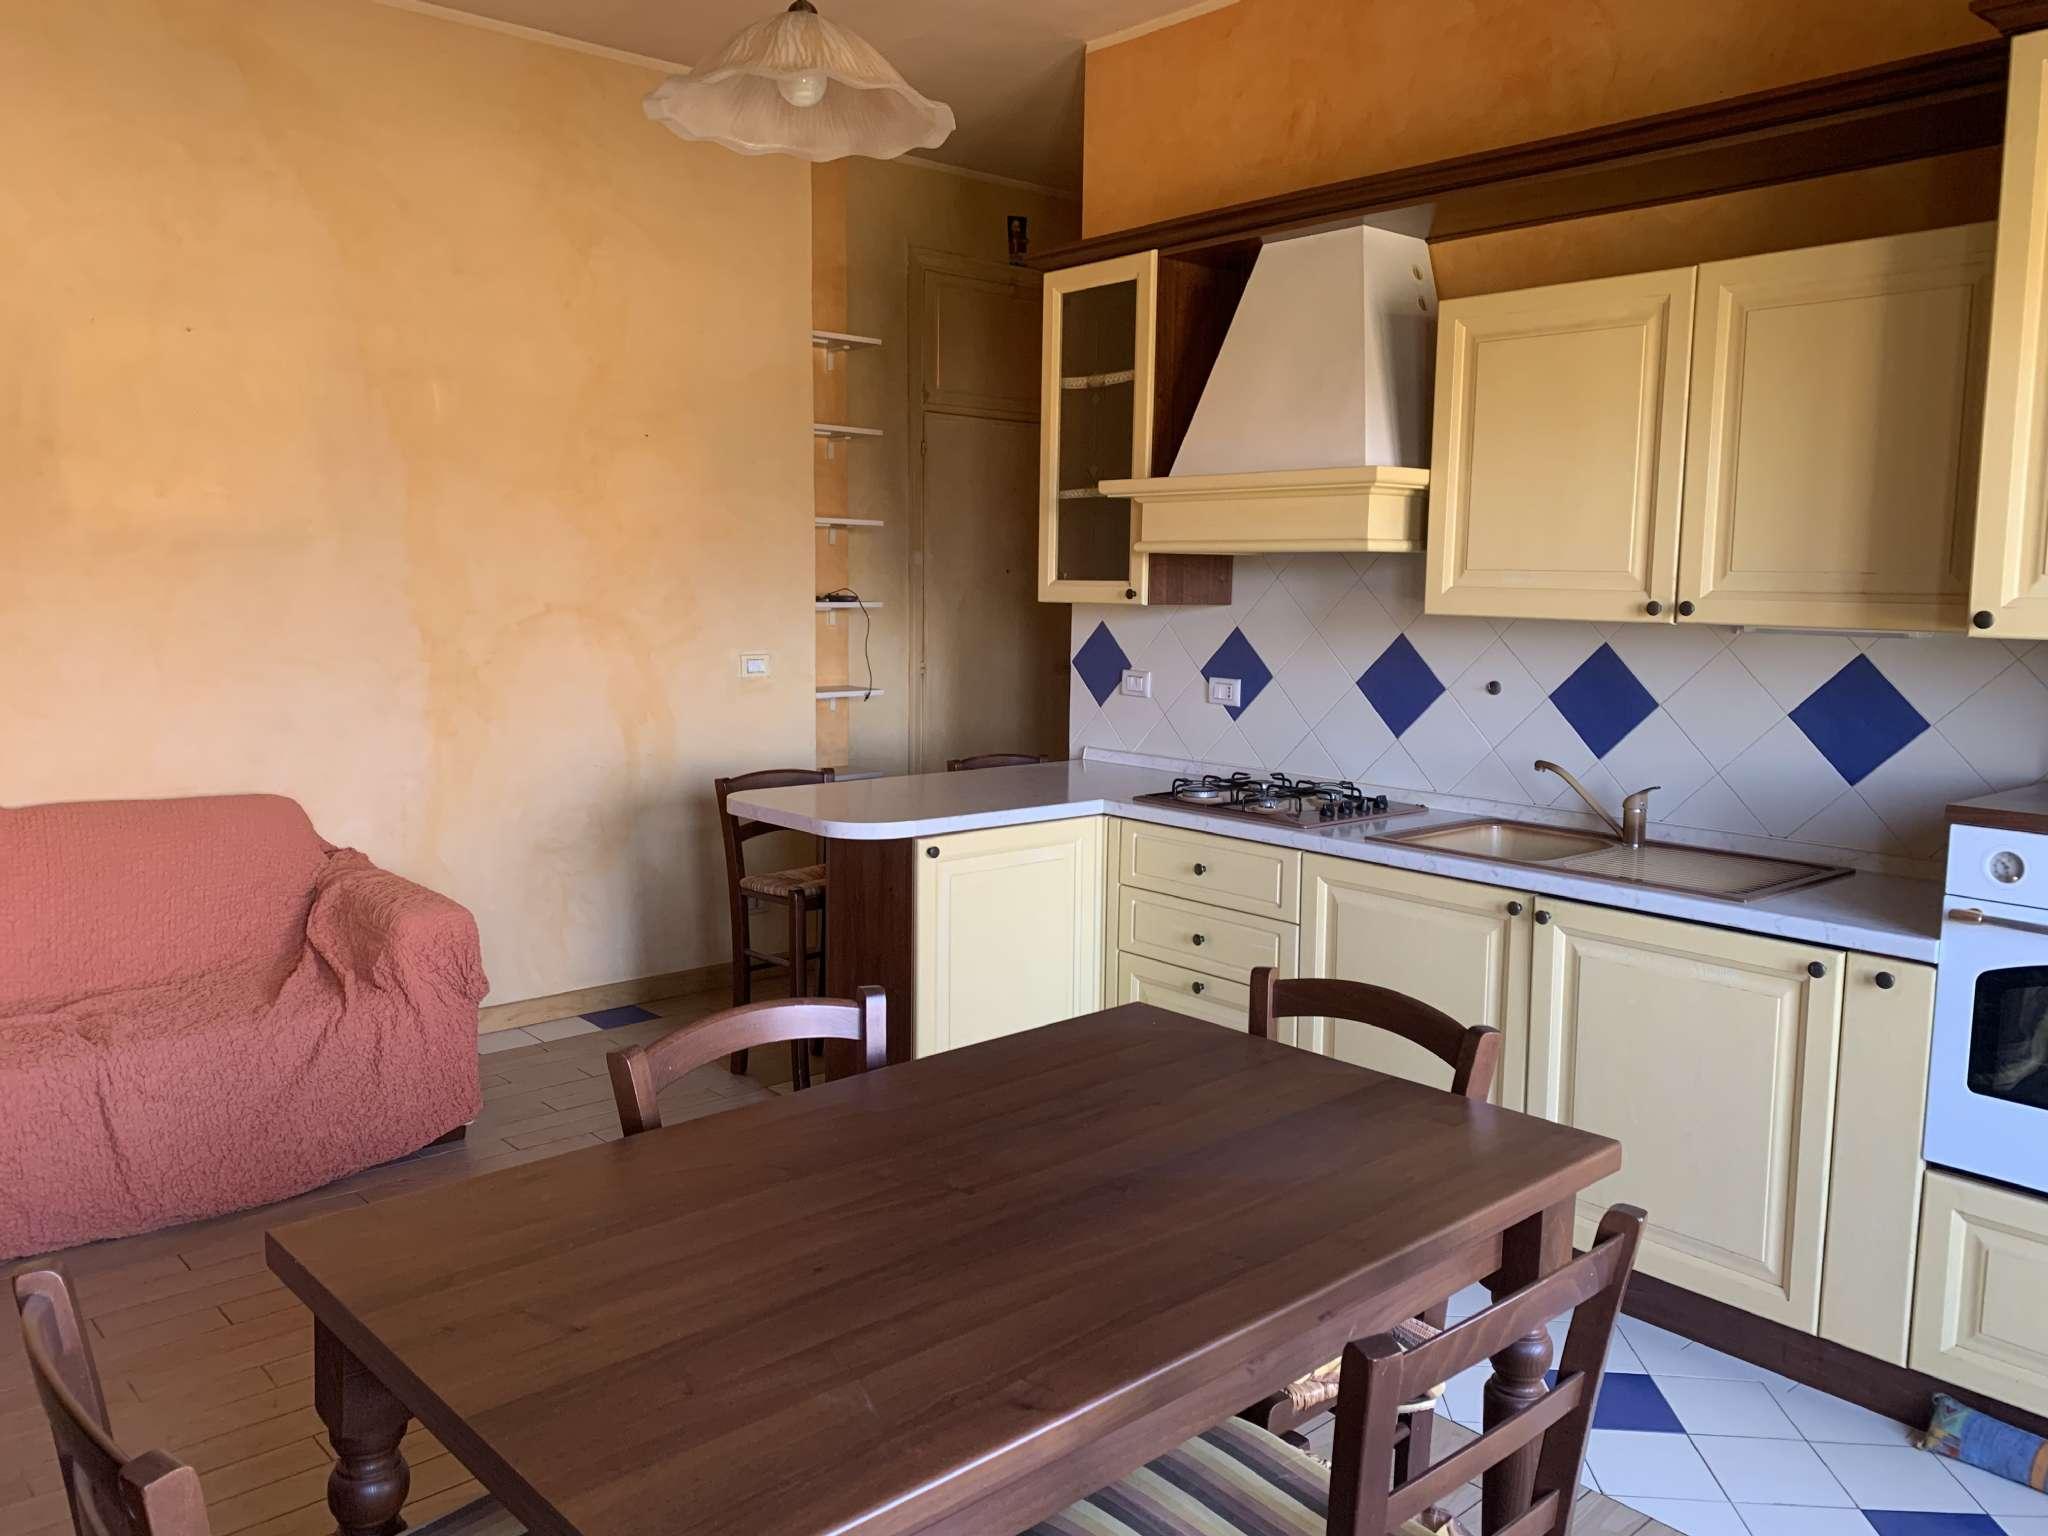 Appartamento in vendita a Cuneo, 2 locali, prezzo € 83.000 | CambioCasa.it